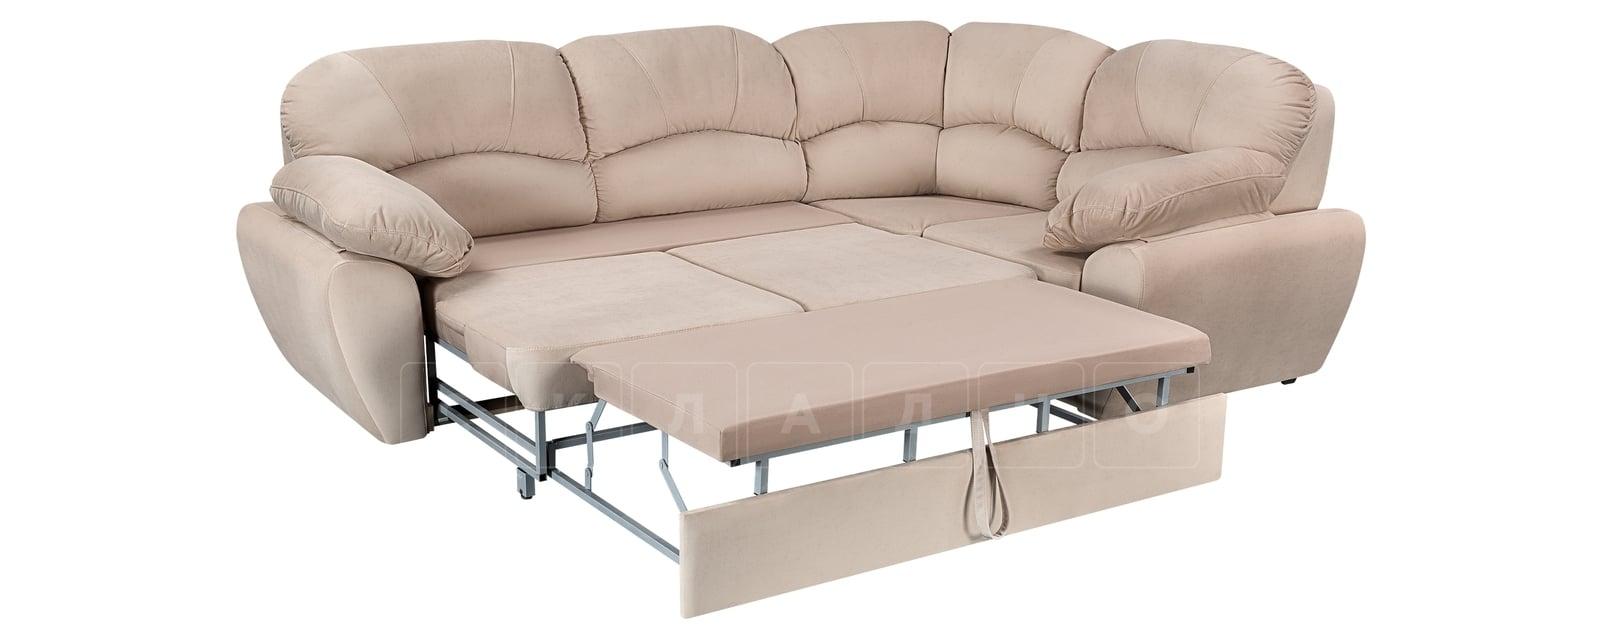 Угловой диван Эвита велюр бежевый правый угол фото 4 | интернет-магазин Складно